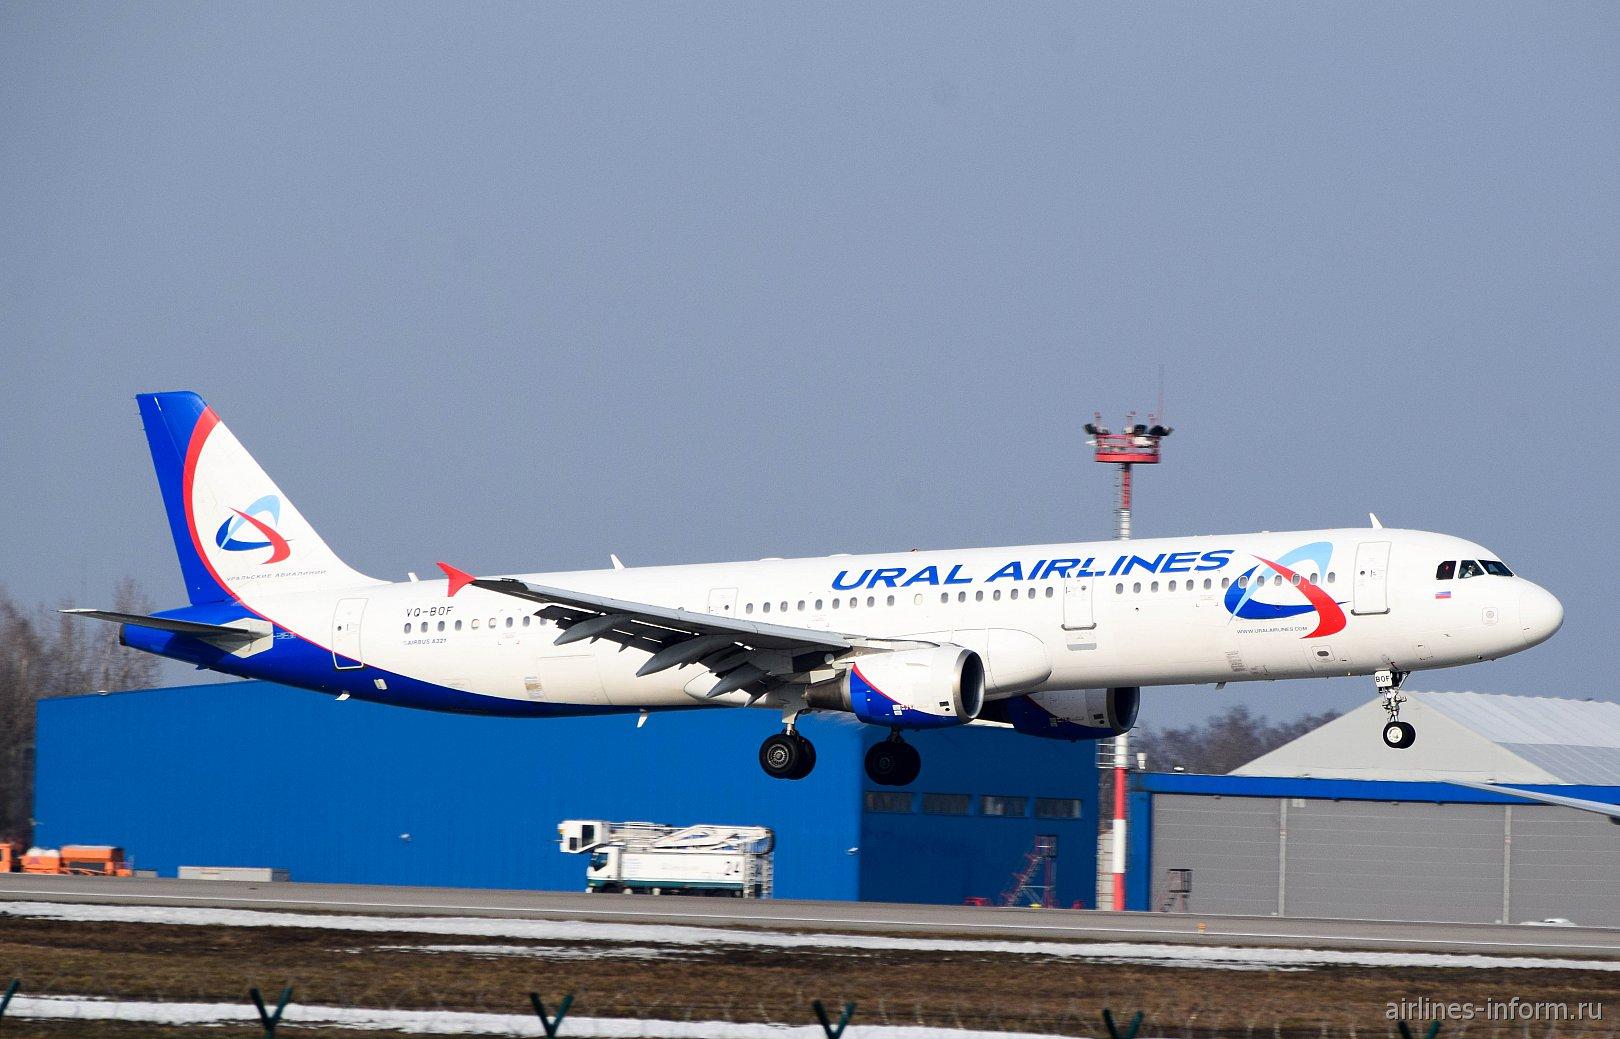 Airbus A321 Уральских авиалиний взлетает в аэропорту Домодедово